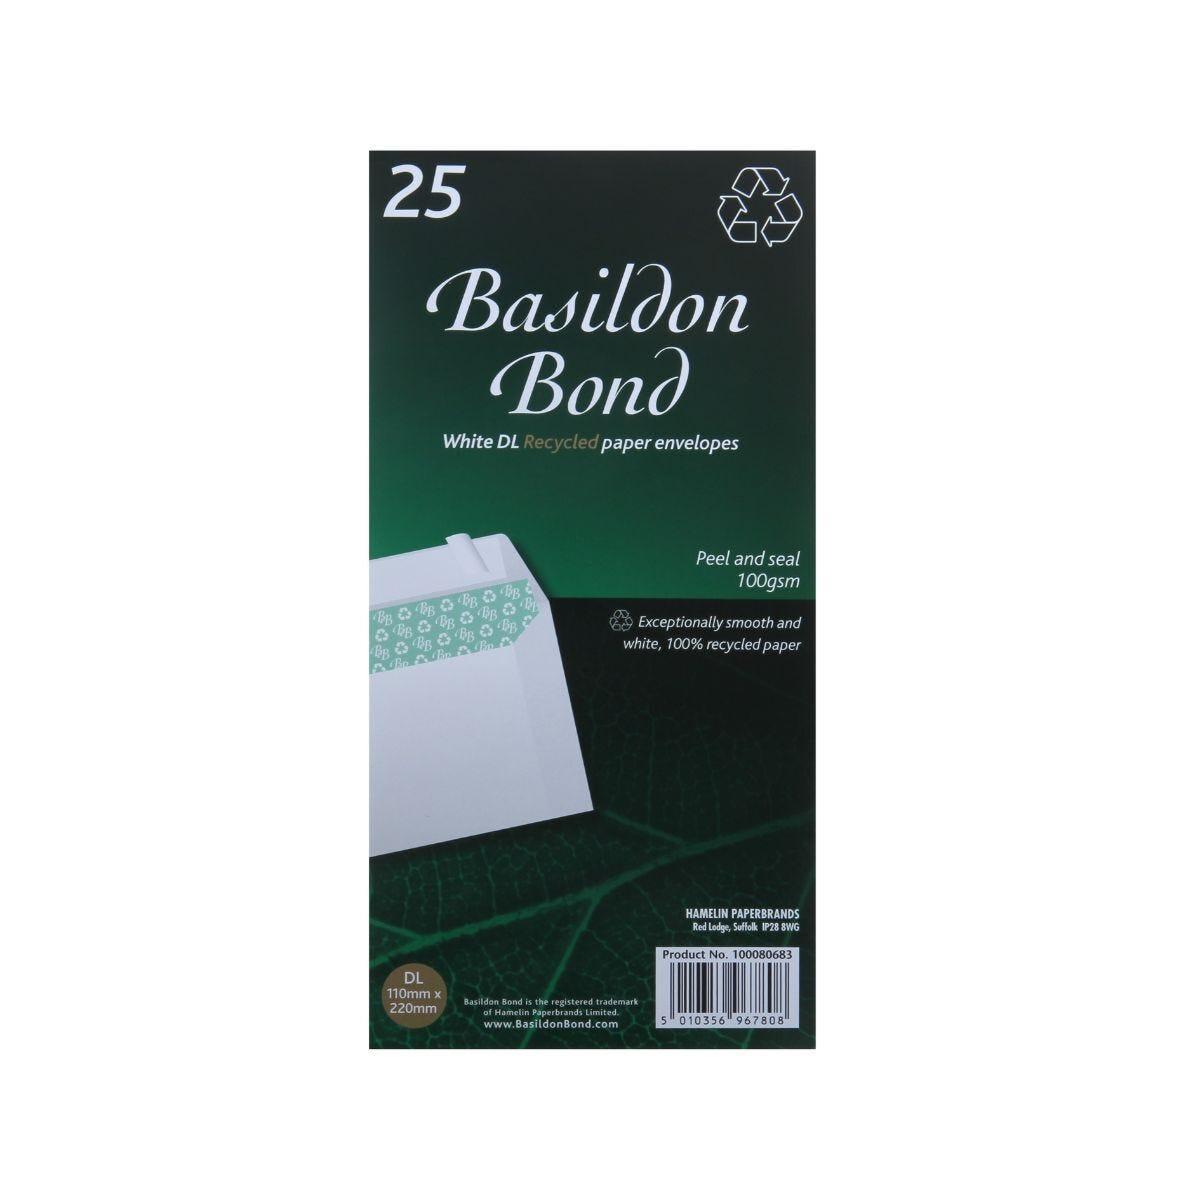 Basildon Bond Recycled Envelopes DL Pack of 25